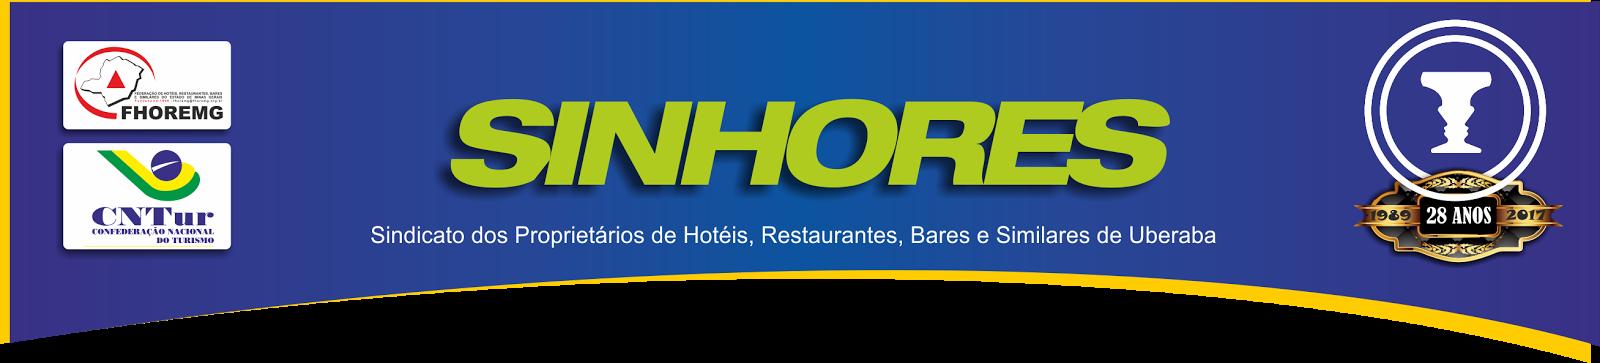 Sindicato dos Proprietários de Hotéis, Restaurantes, Bares e Similares de Uberaba.